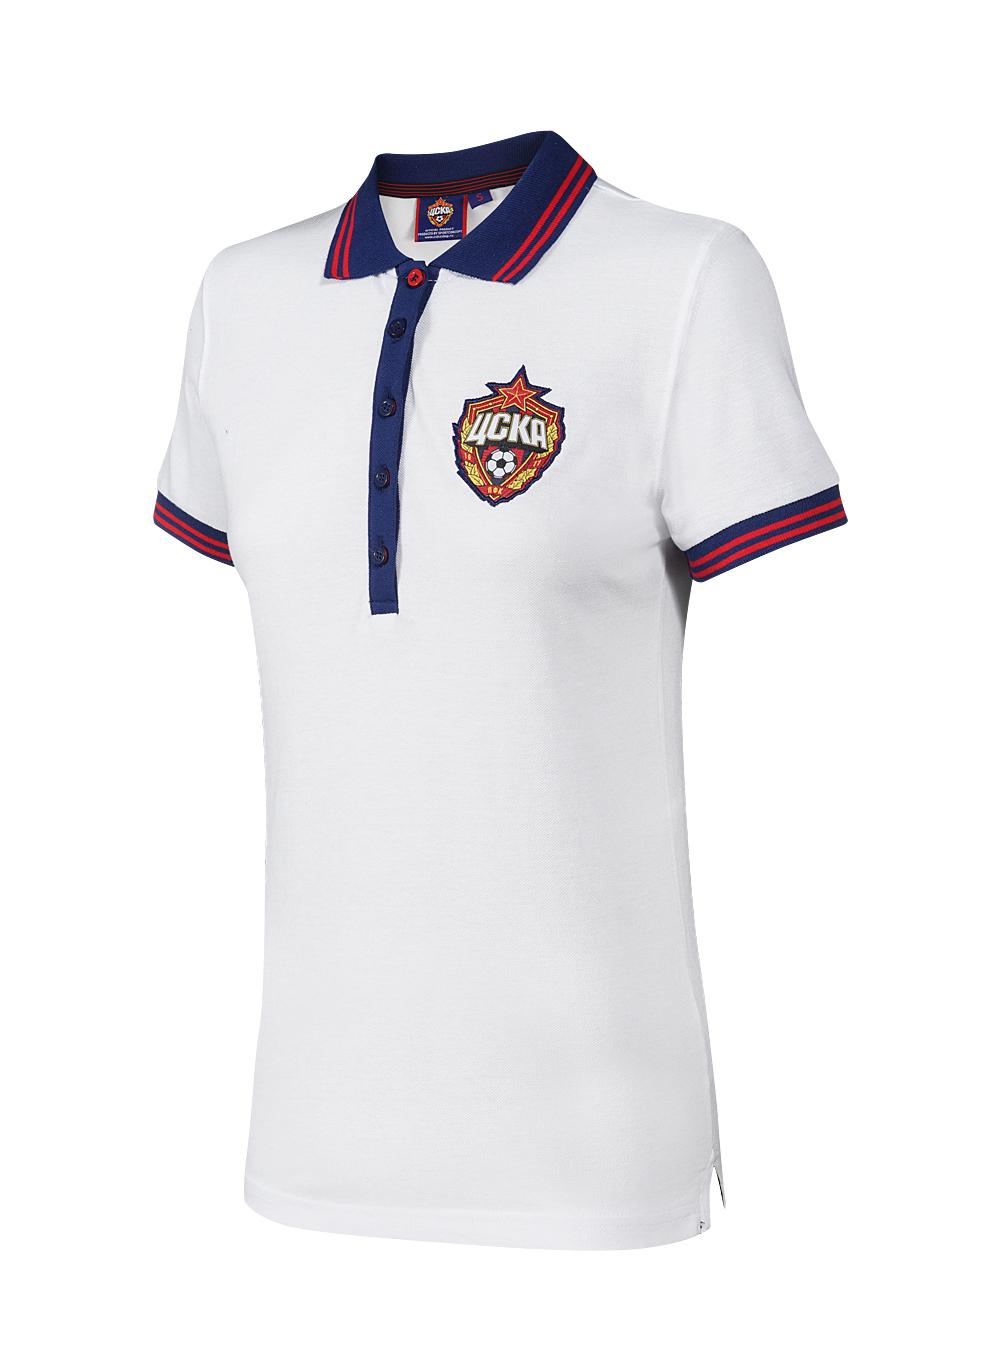 Купить Поло женское белое (XL) по Нижнему Новгороду